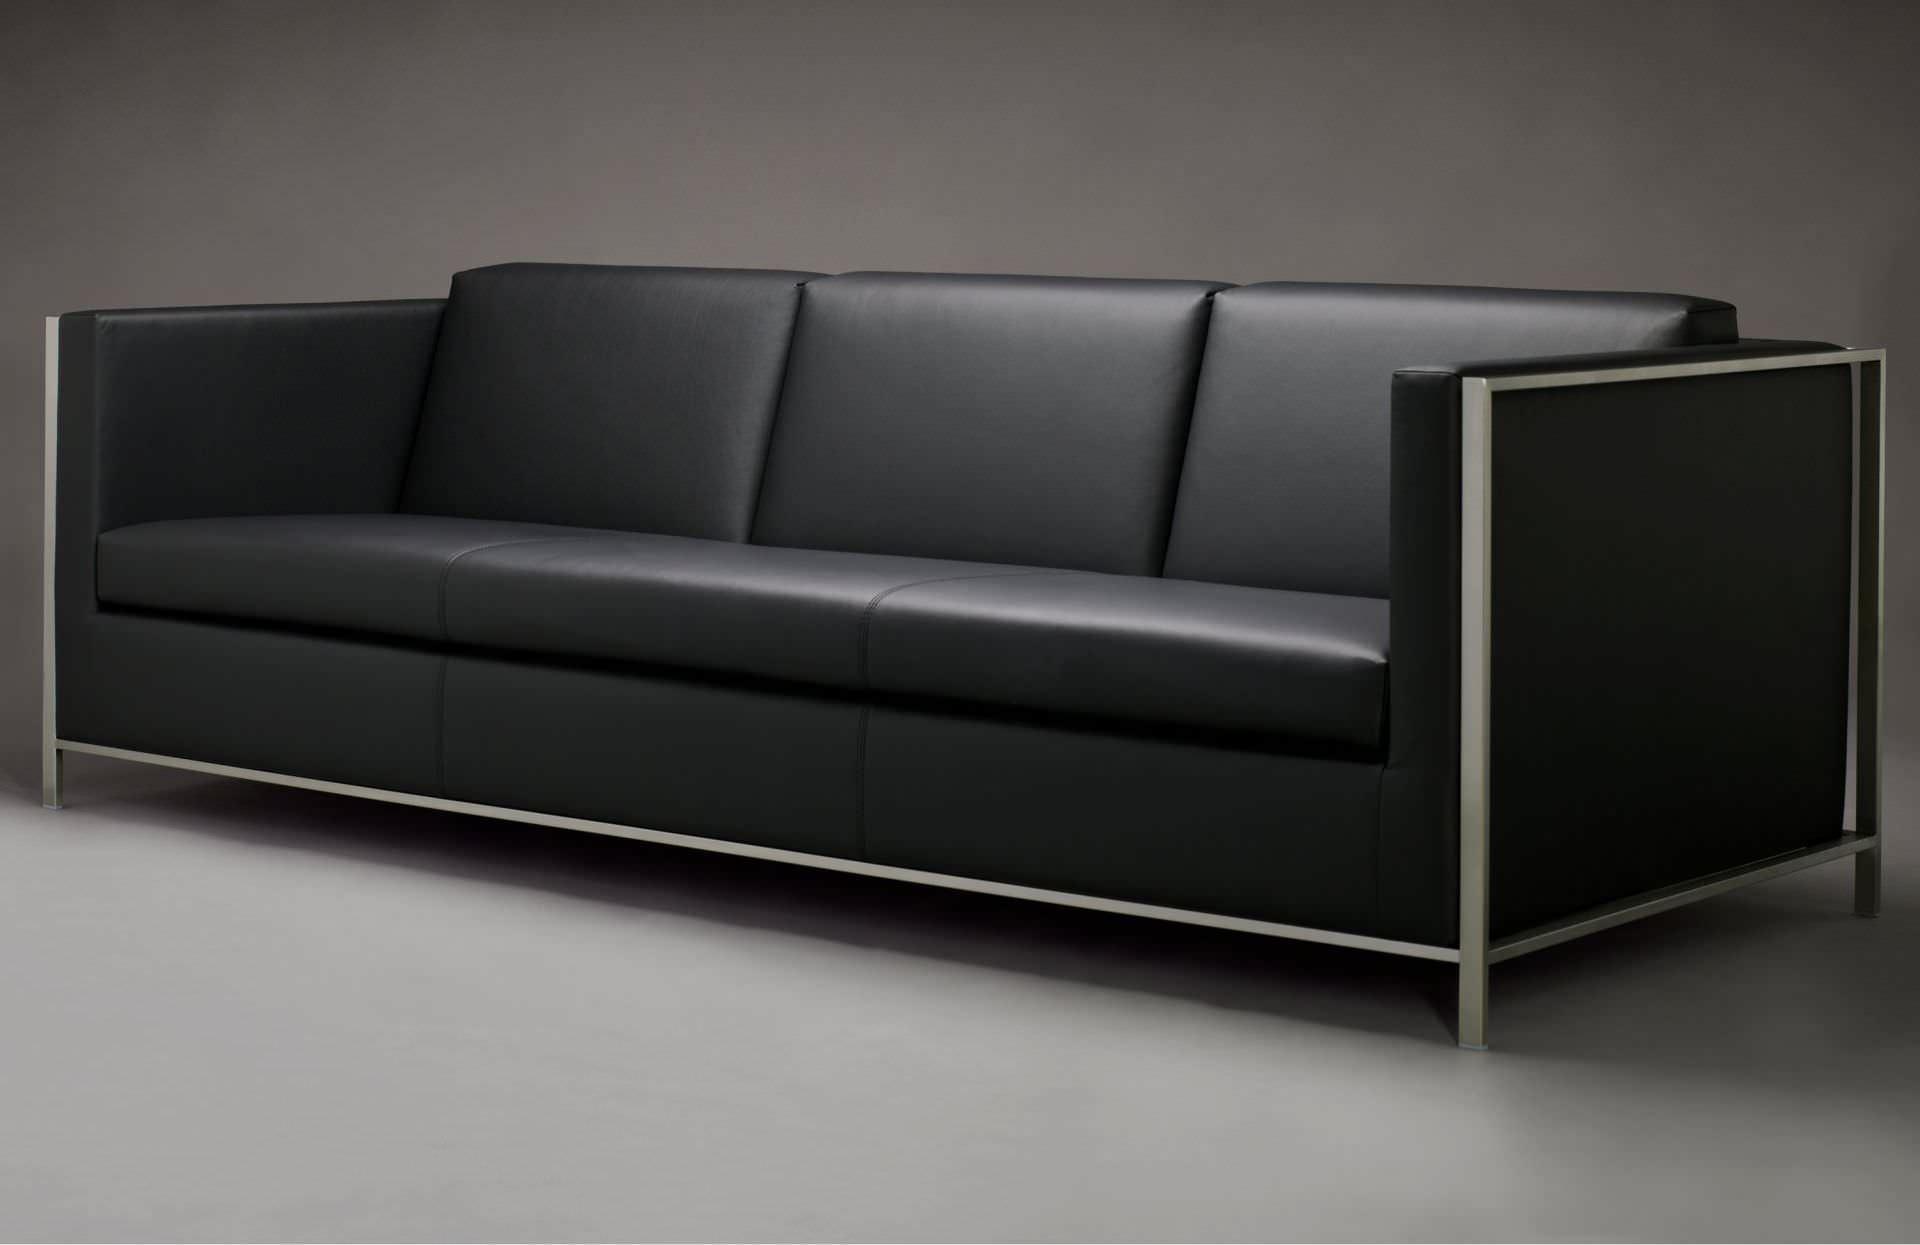 Sofá moderno / de cuero / de acero inoxidable / de tejido - KUBUS by ...